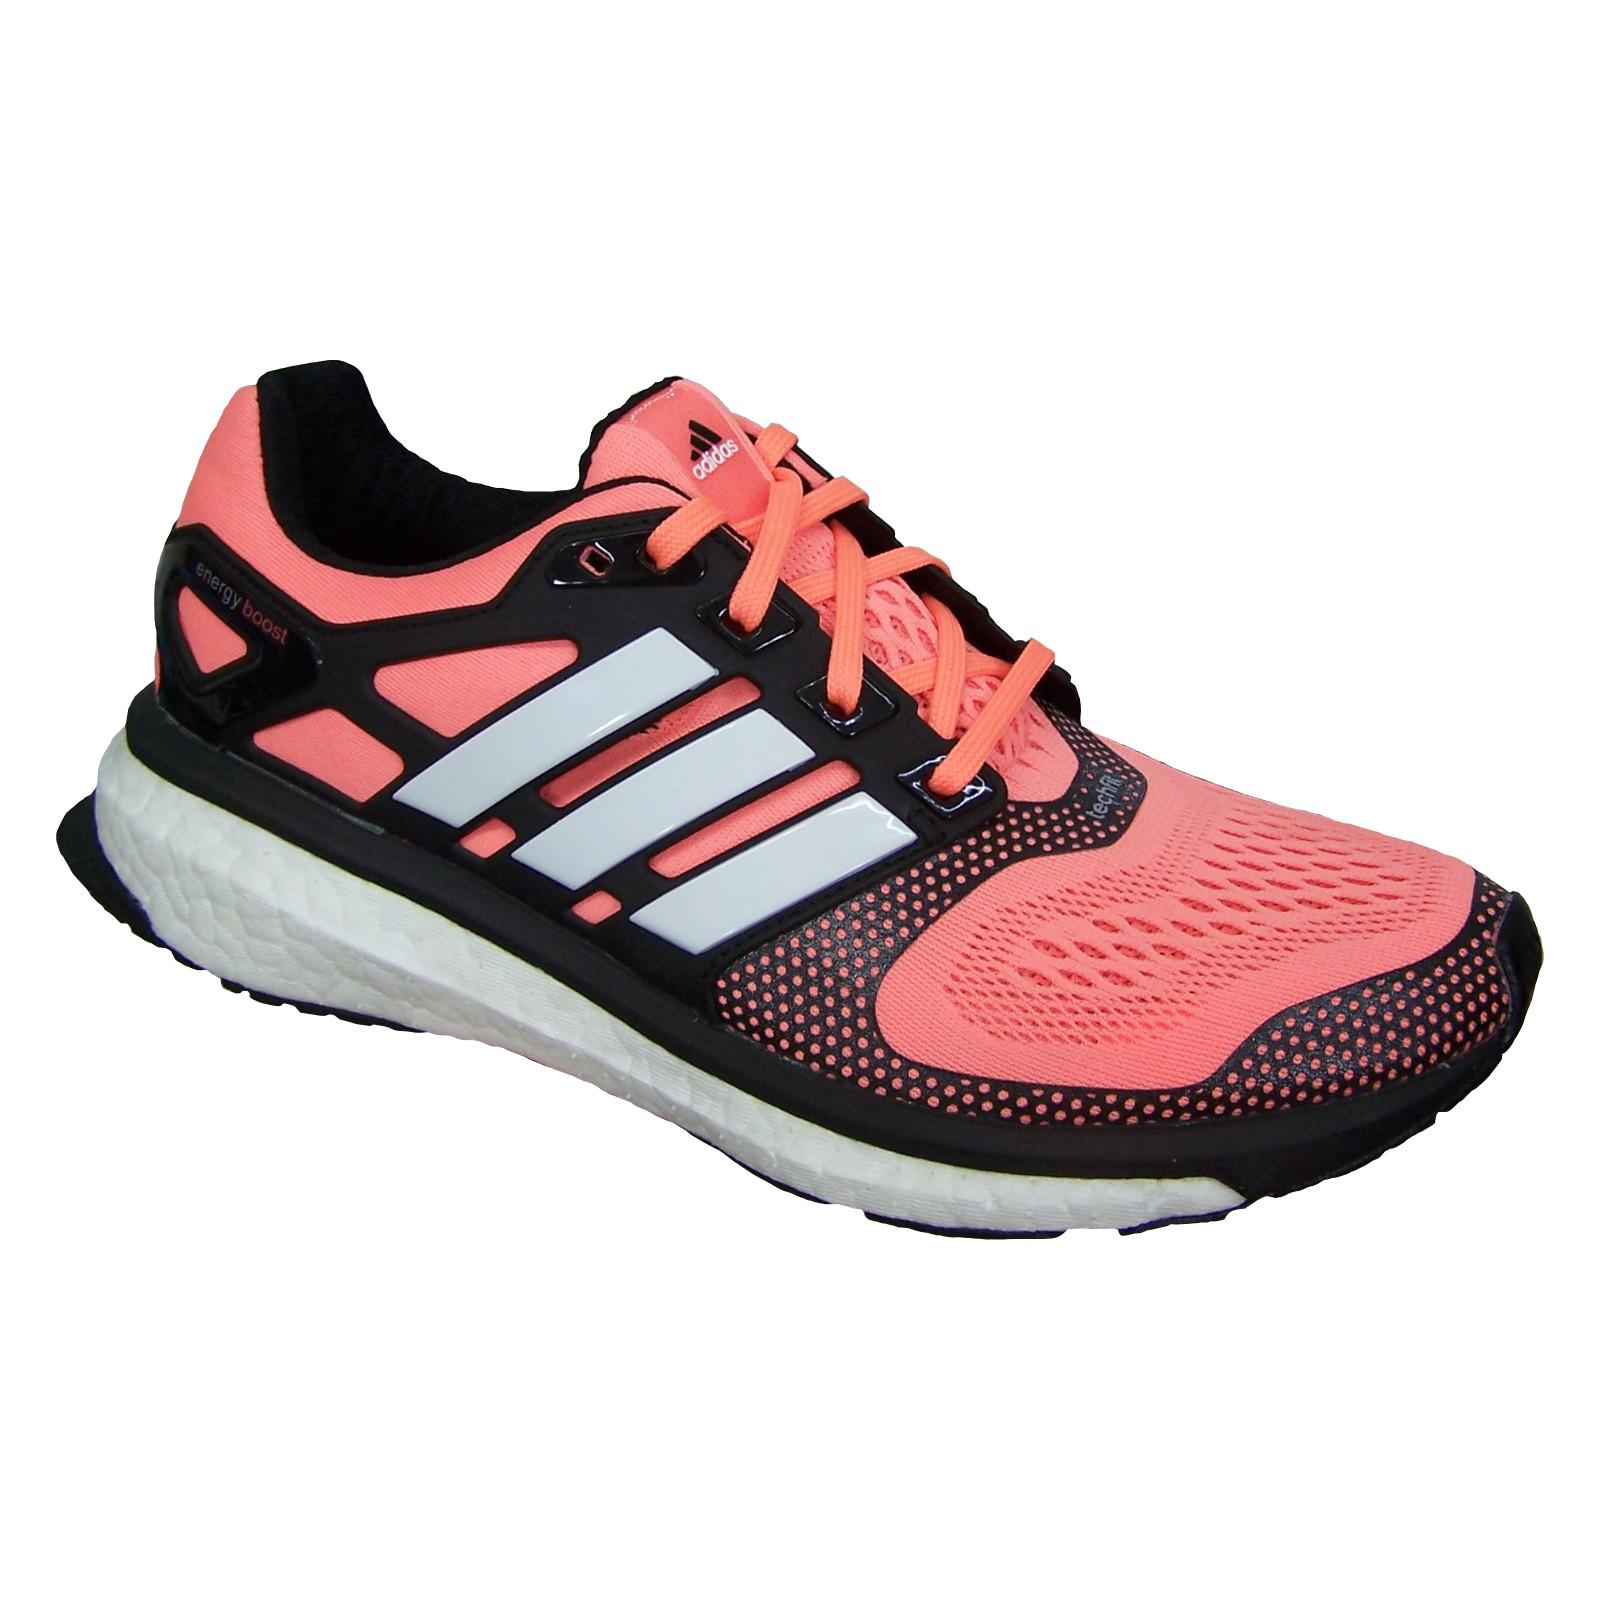 Laufschuhe Adidas Esm Fitness Energy Damen W Boost Und bYfg67y